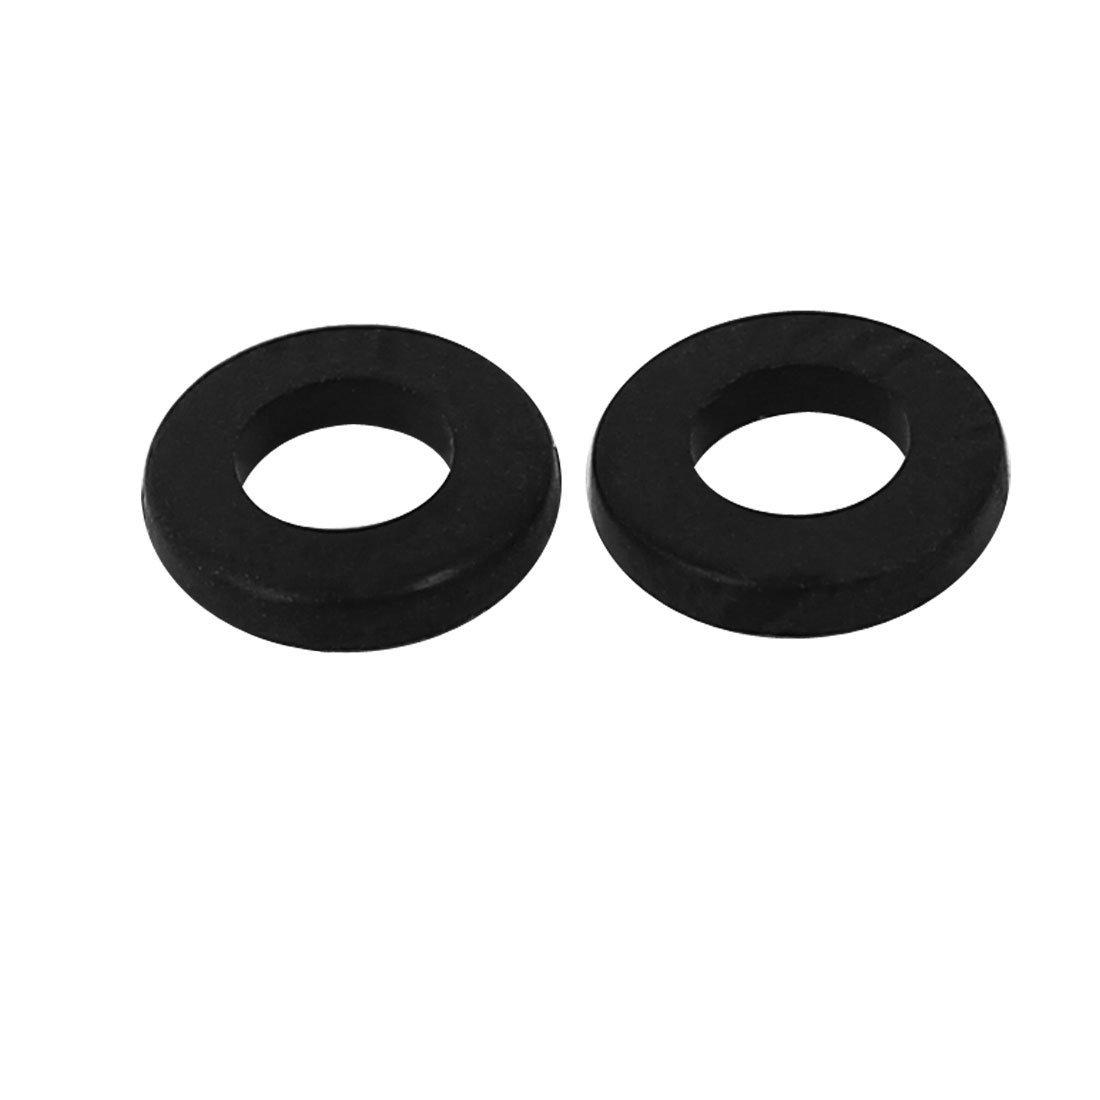 200pcs Separador de sellado eDealMax M3x6mmx1mm plástico Redondo arandela Plana junta de anillo Negro: Amazon.com: Industrial & Scientific